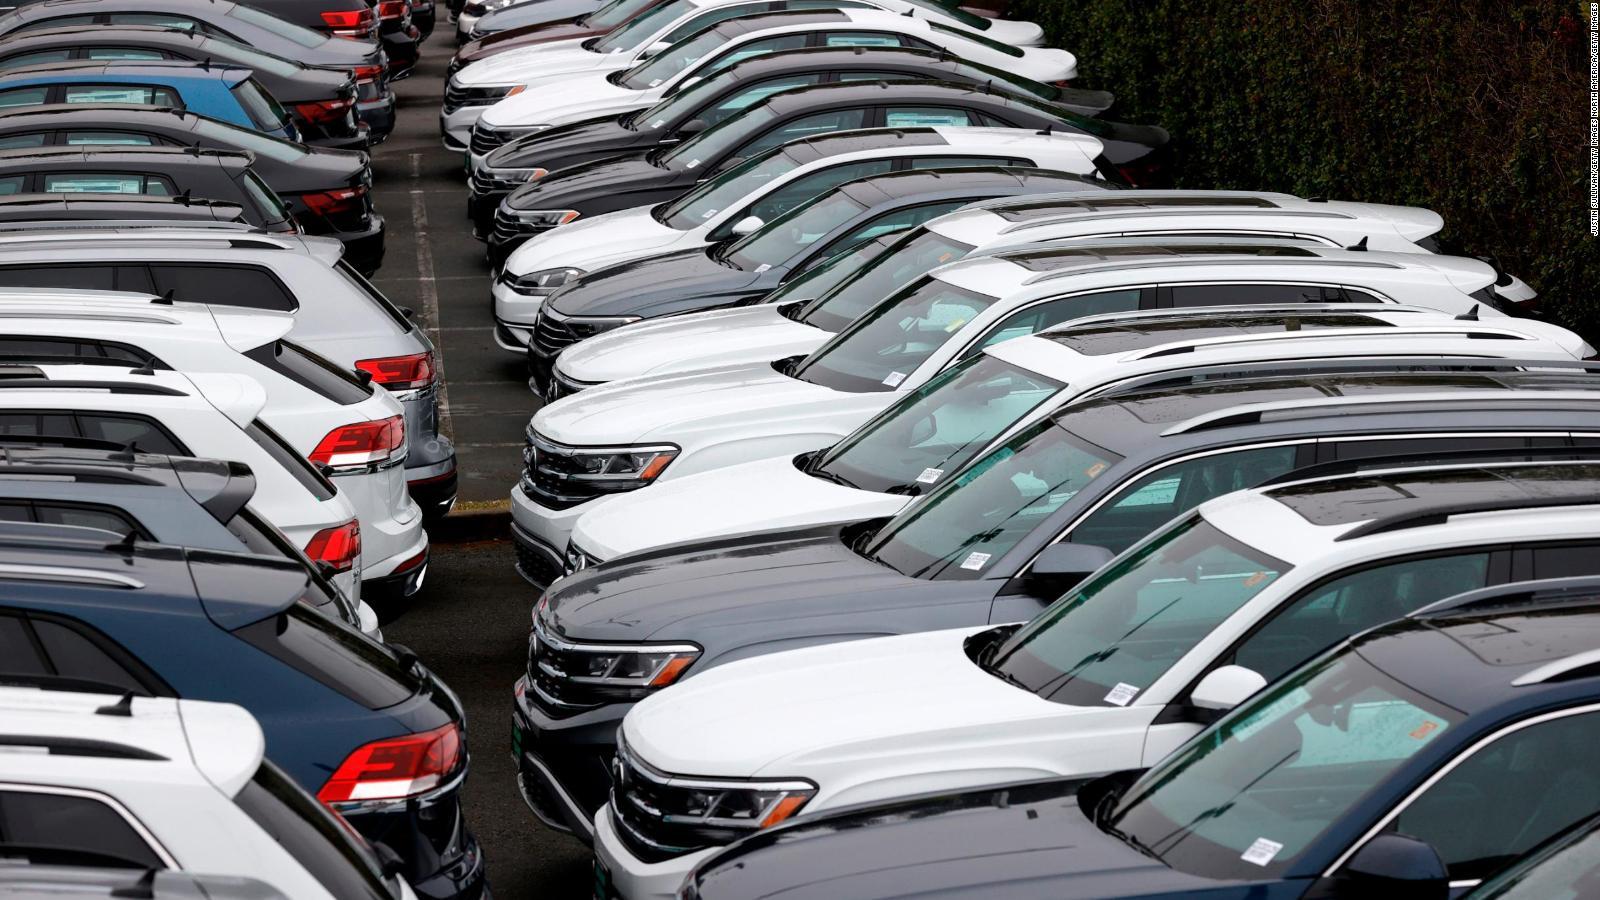 Los precios de los automóviles están a punto de volver a dispararse. La culpa es del huracán Ida